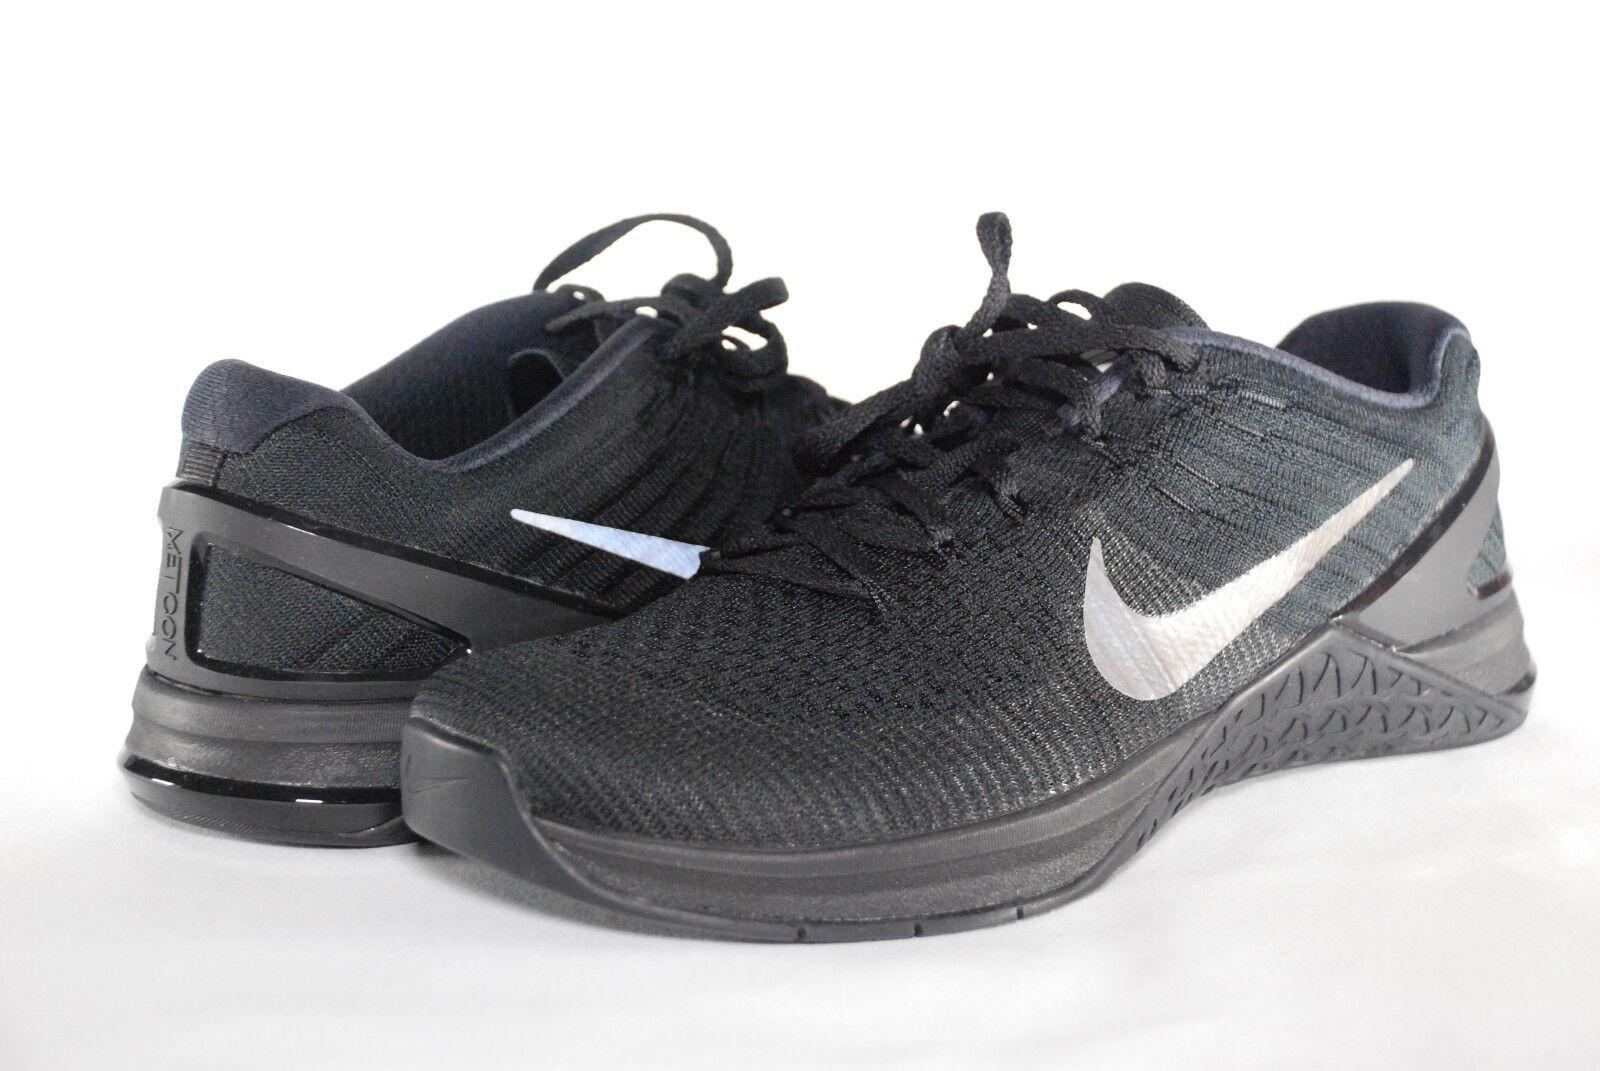 Nike metcon DSX Flyknit hombres descuento es comodo el último descuento hombres zapatos para hombres y mujeres a65d15